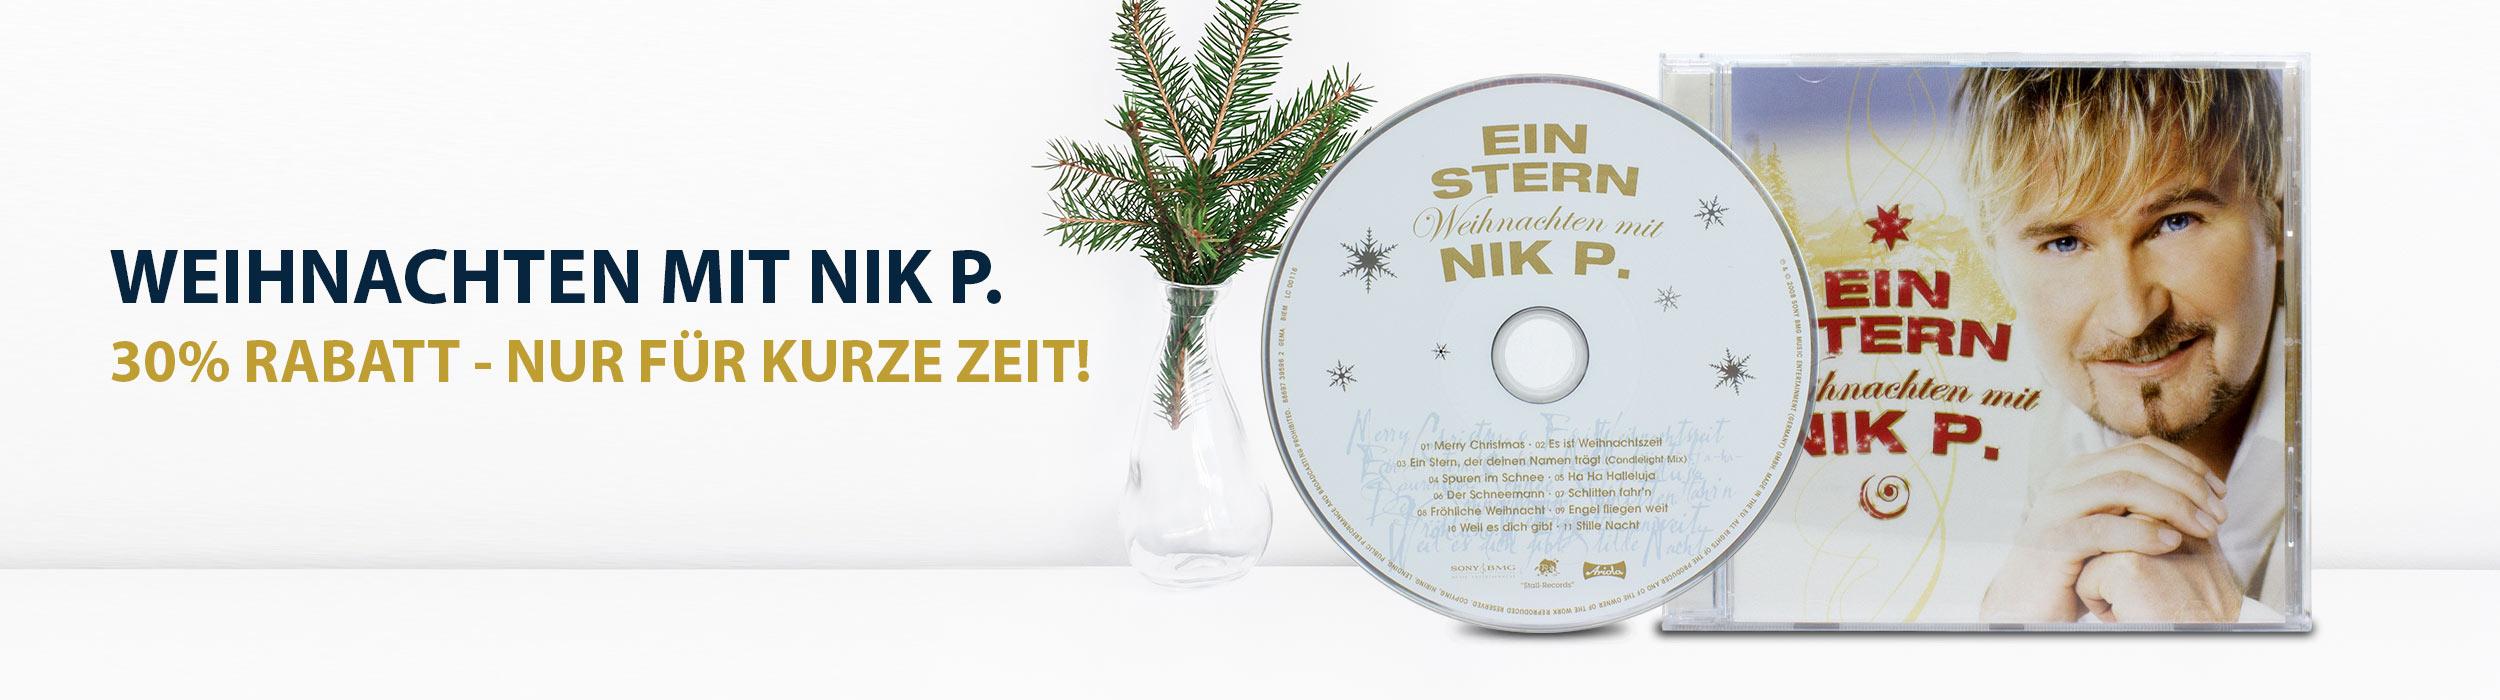 Weihnachten mit Nik P.